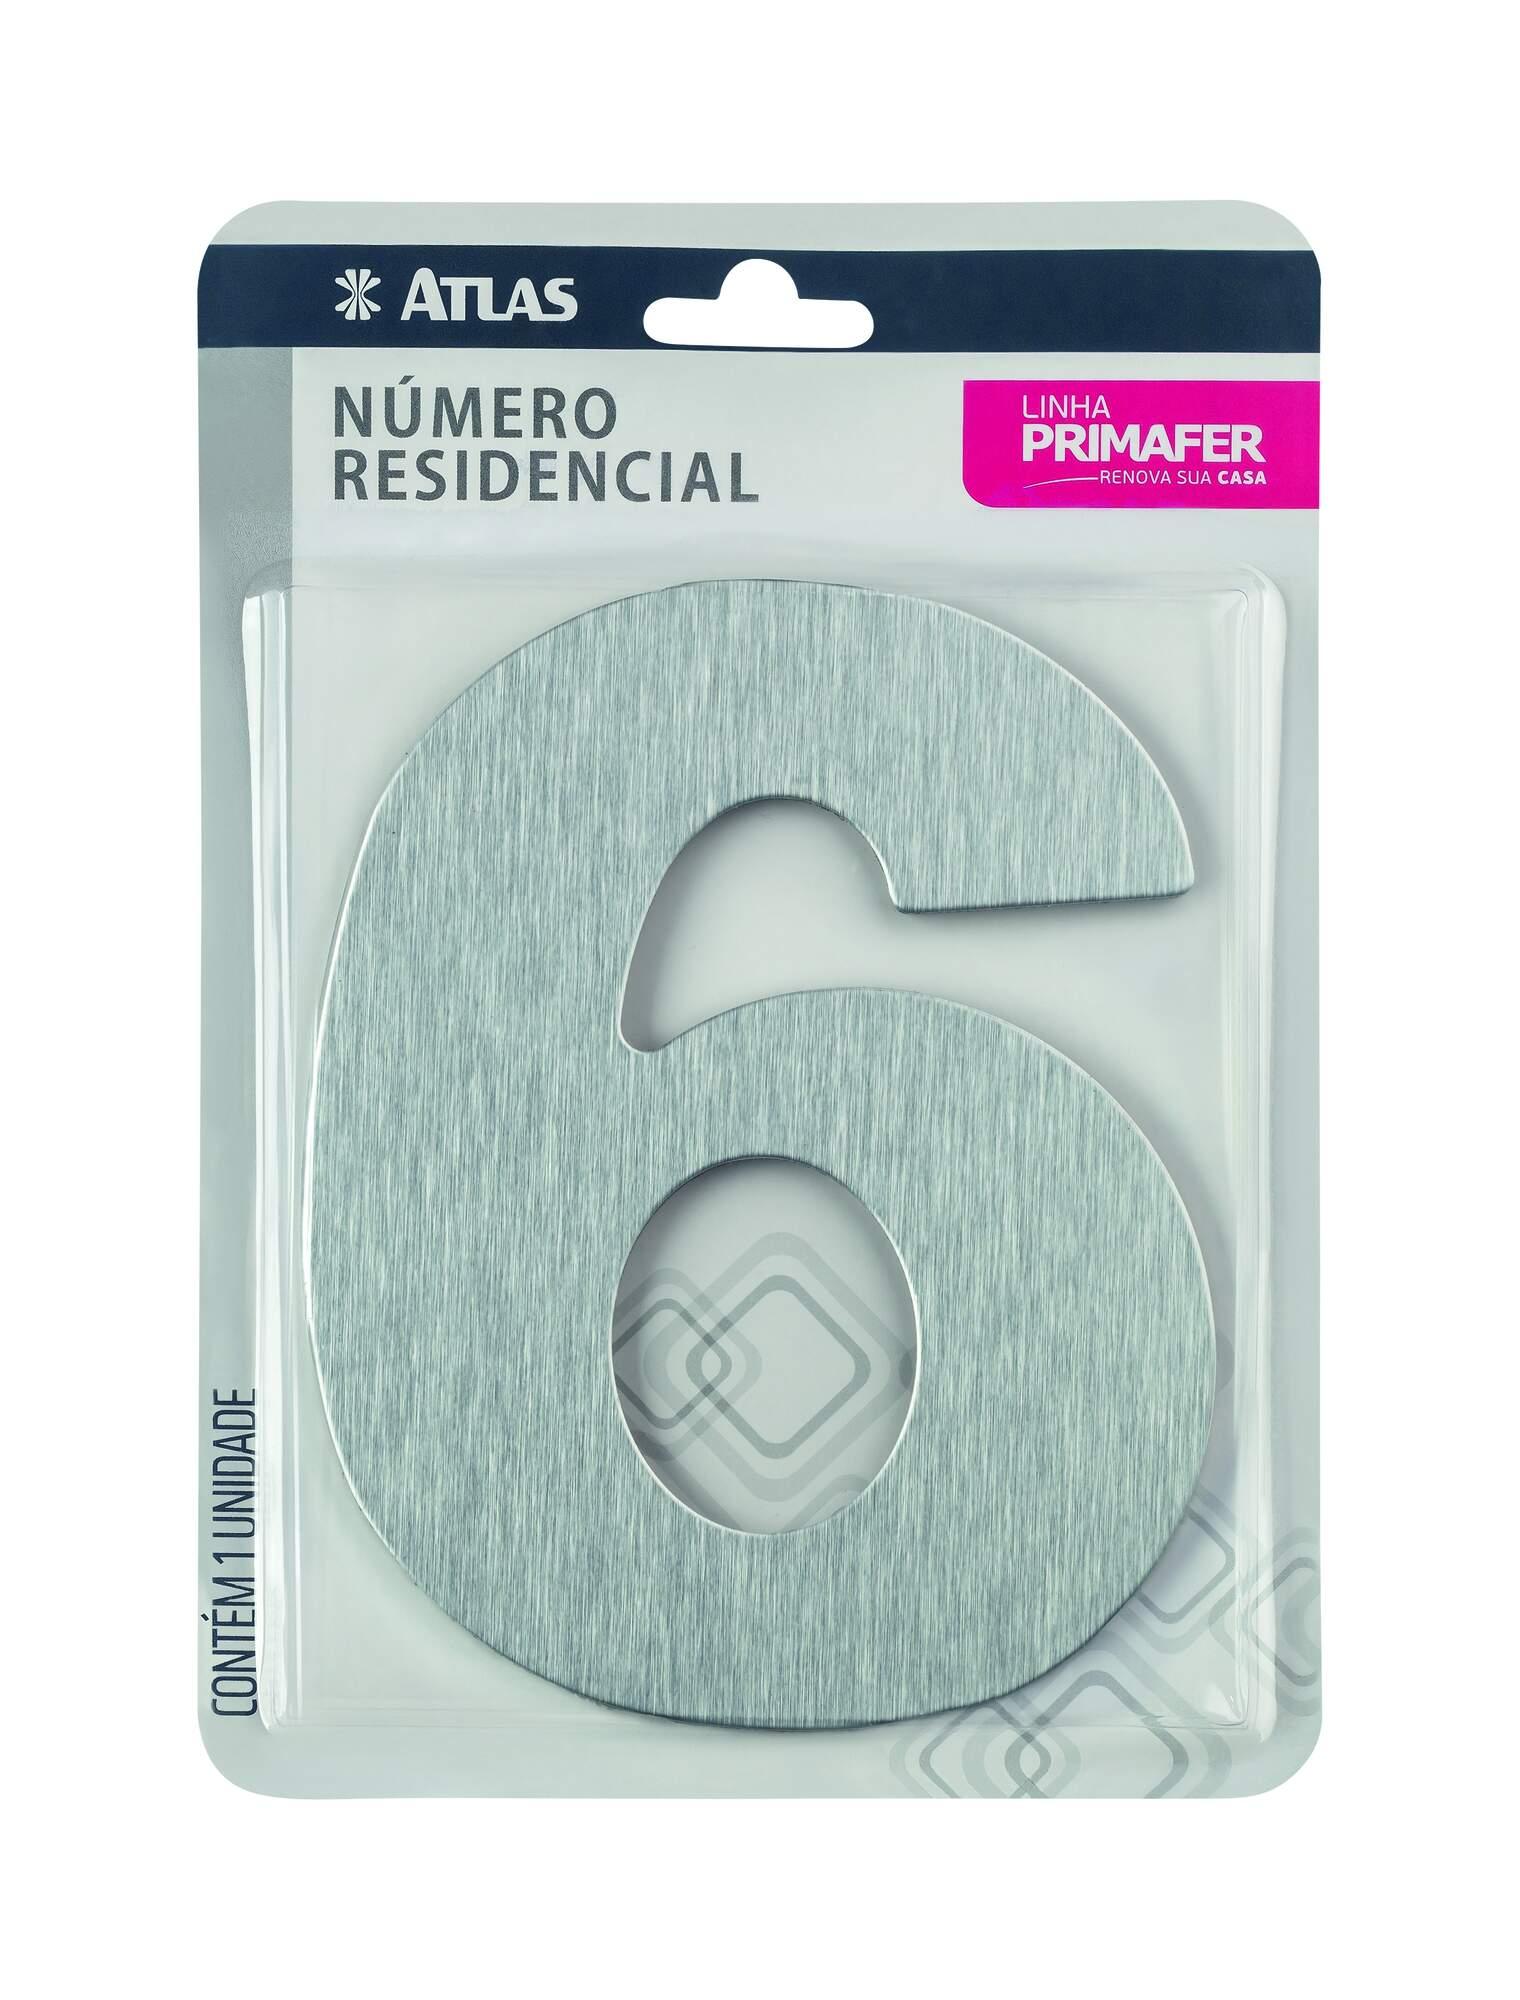 Número Residencial Adesivo Alumínio N° 6 Atlas PR3001/6.